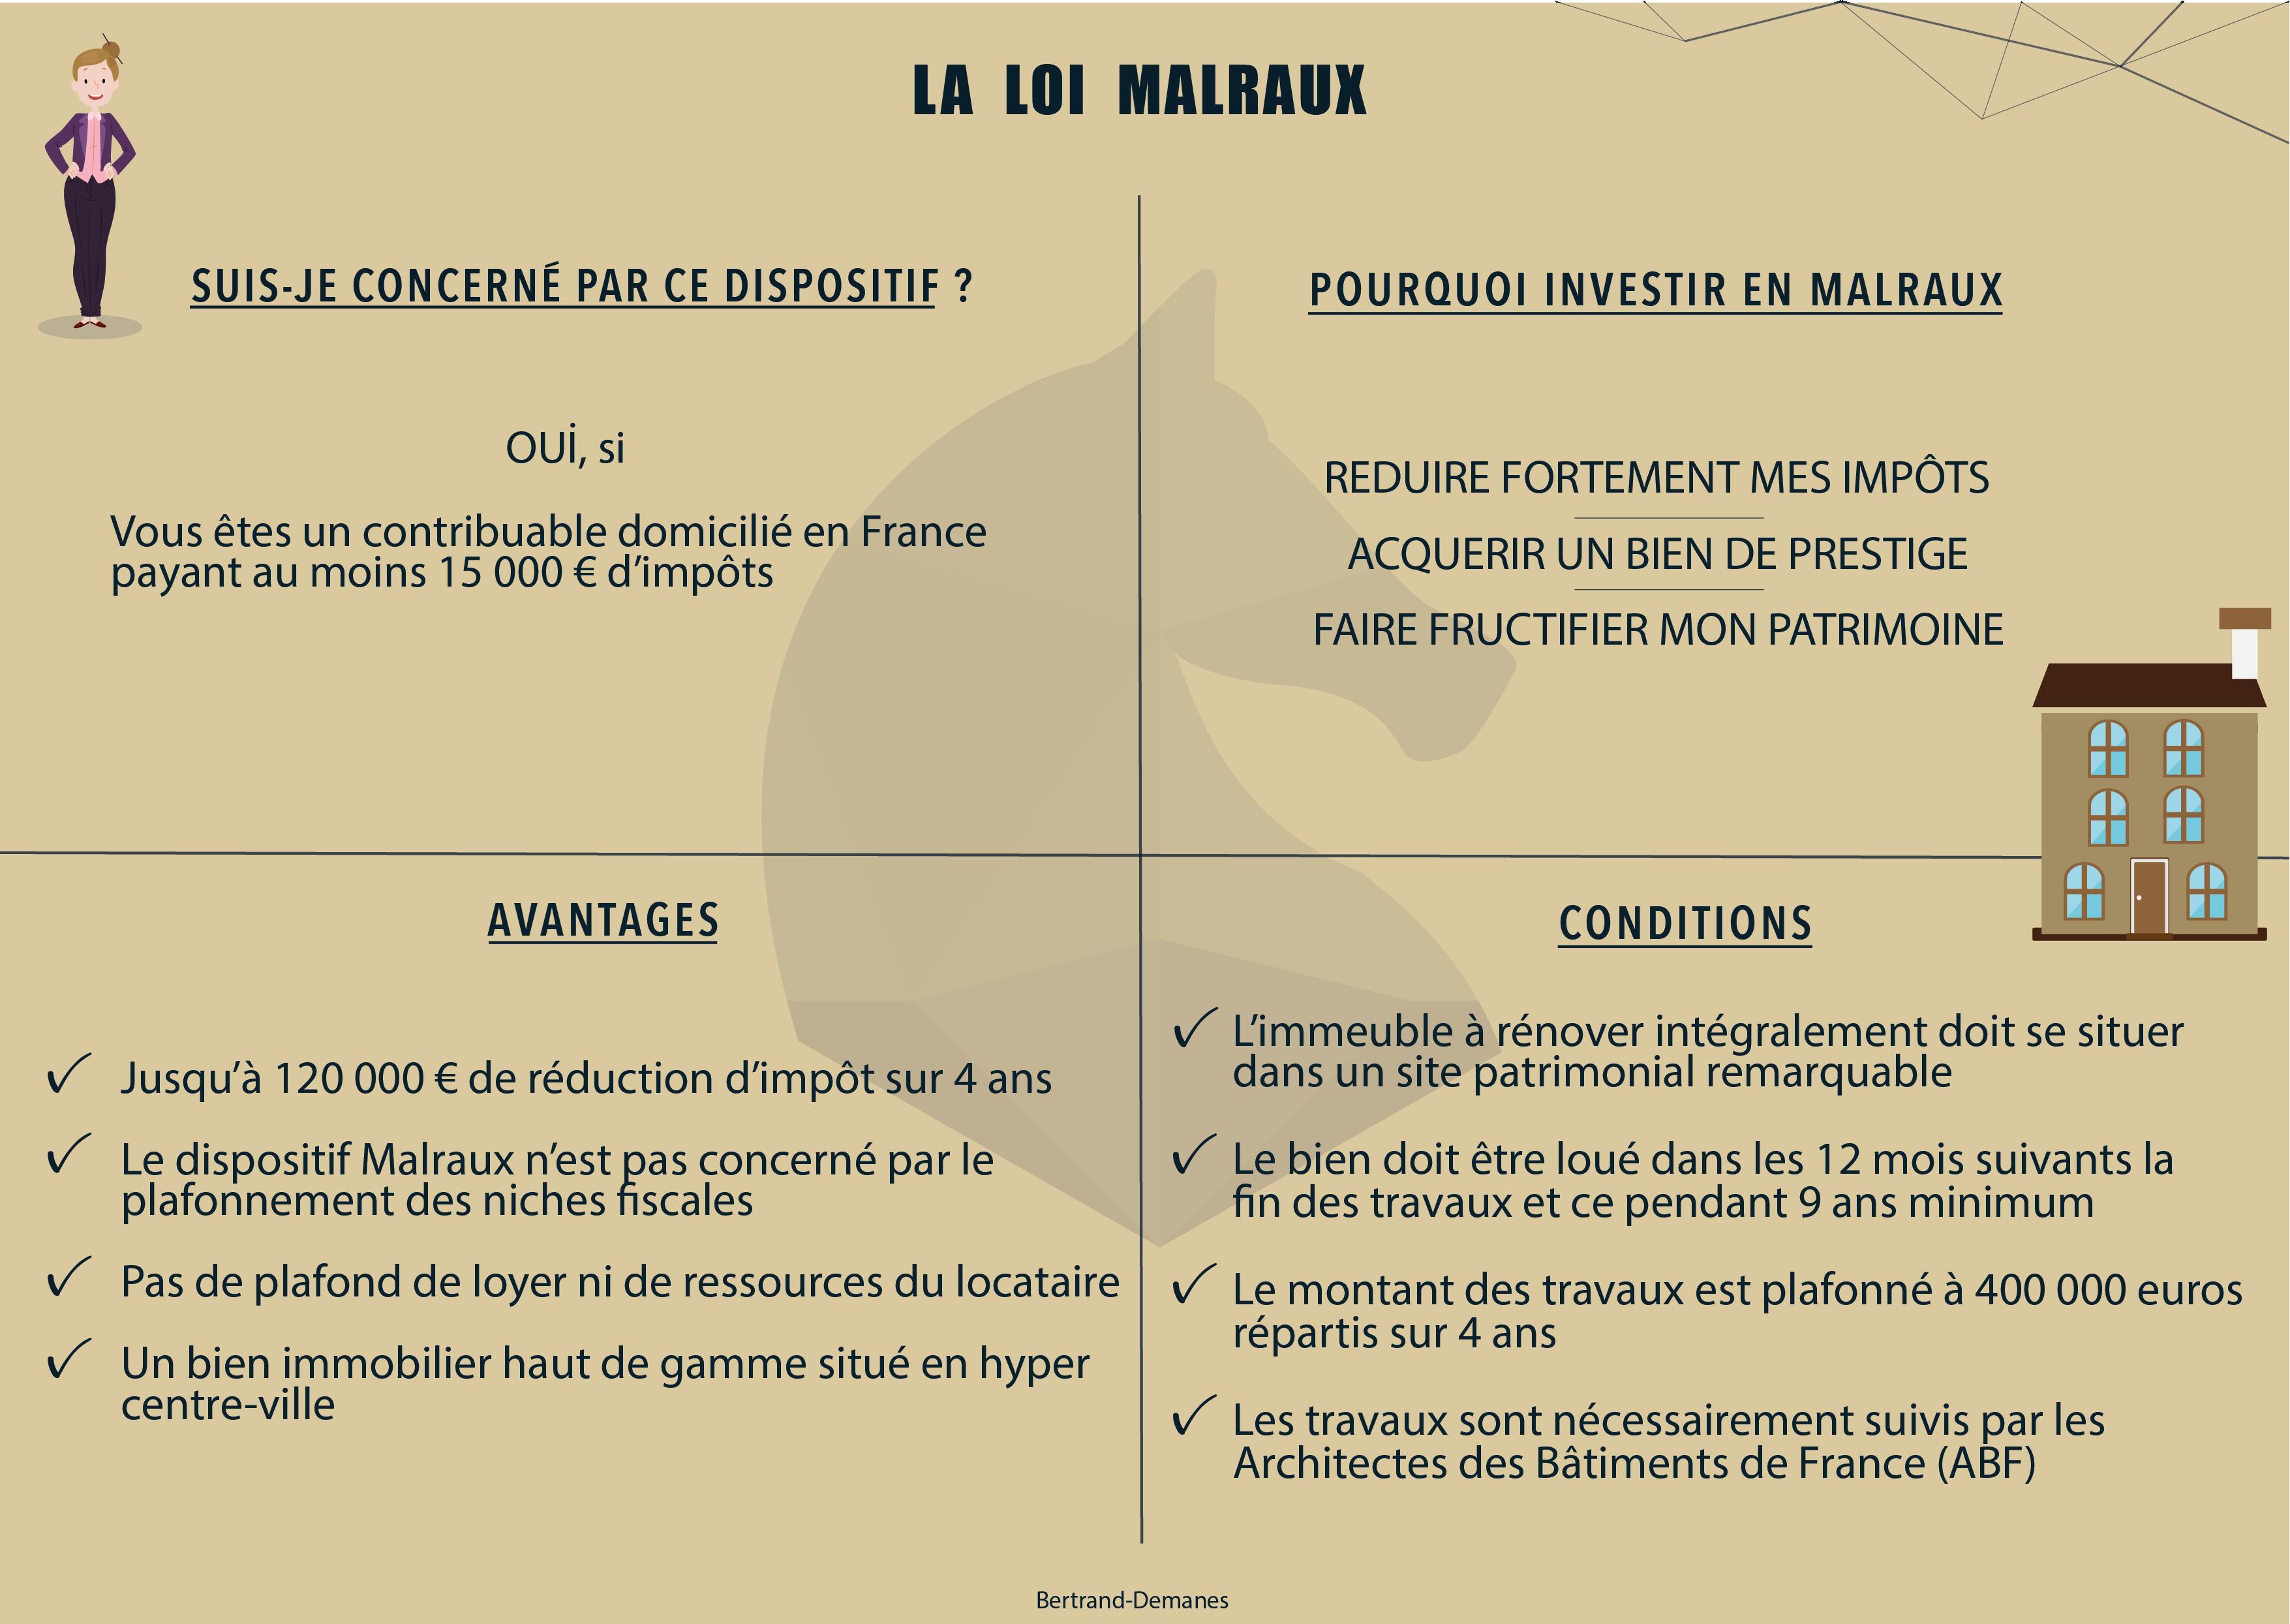 infographie-loi-malraux-bordeaux-bertrand-demanes